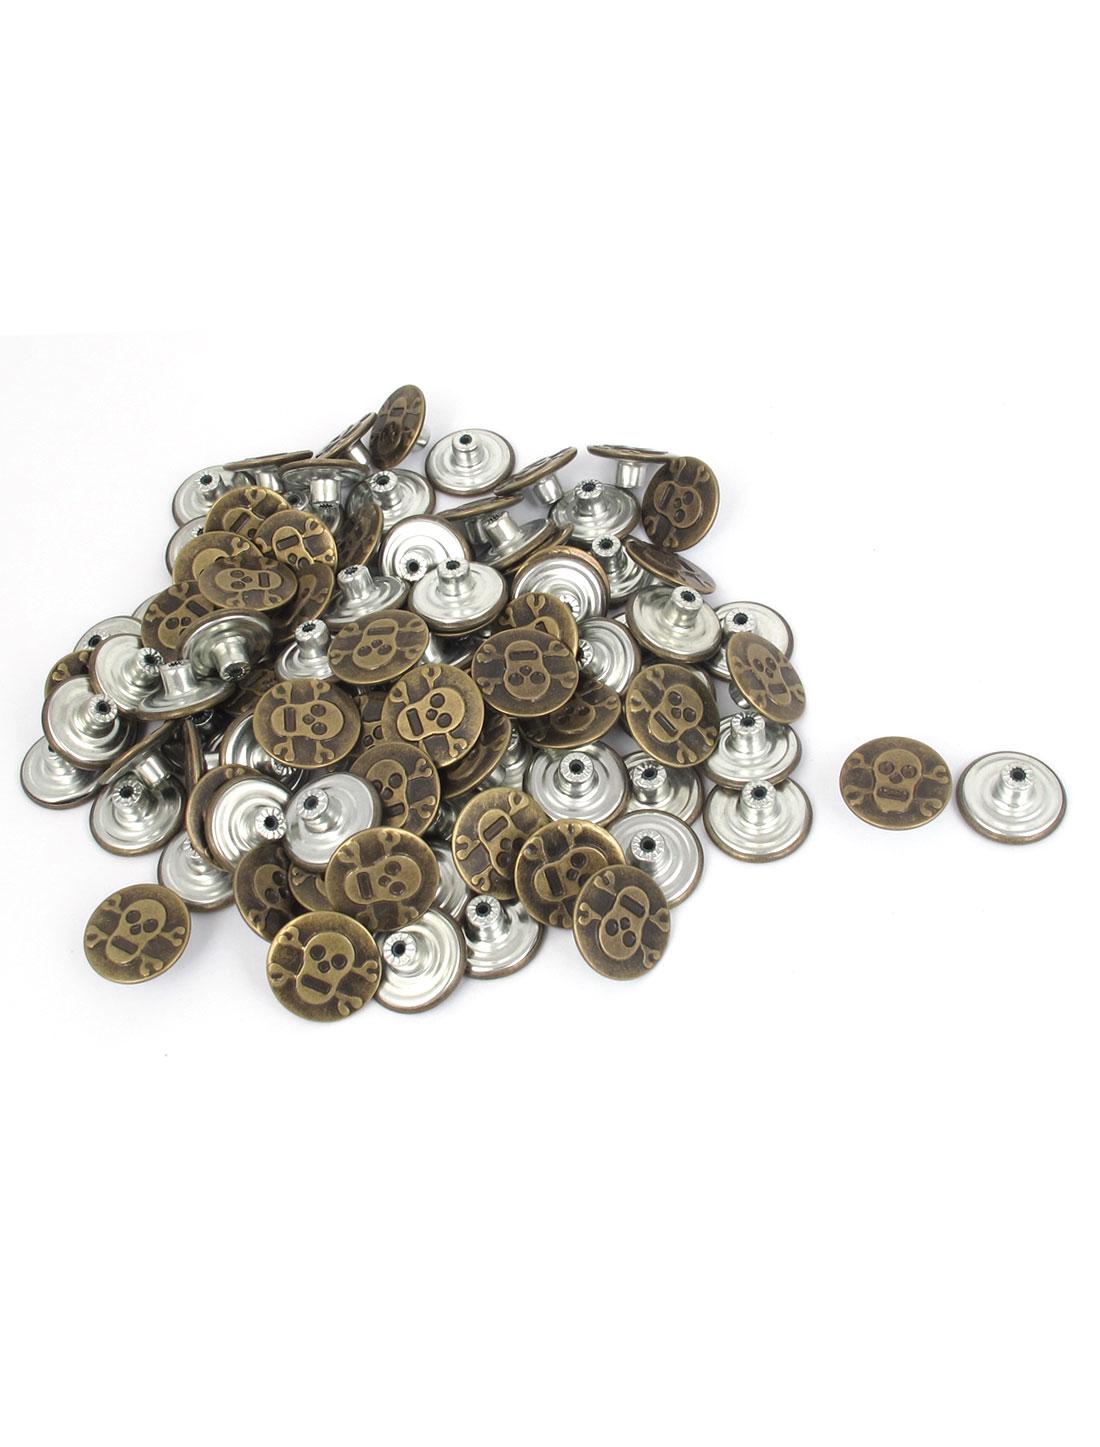 20mm Dia Metallic Round Jeans I-Button Bronze Tone 100pcs